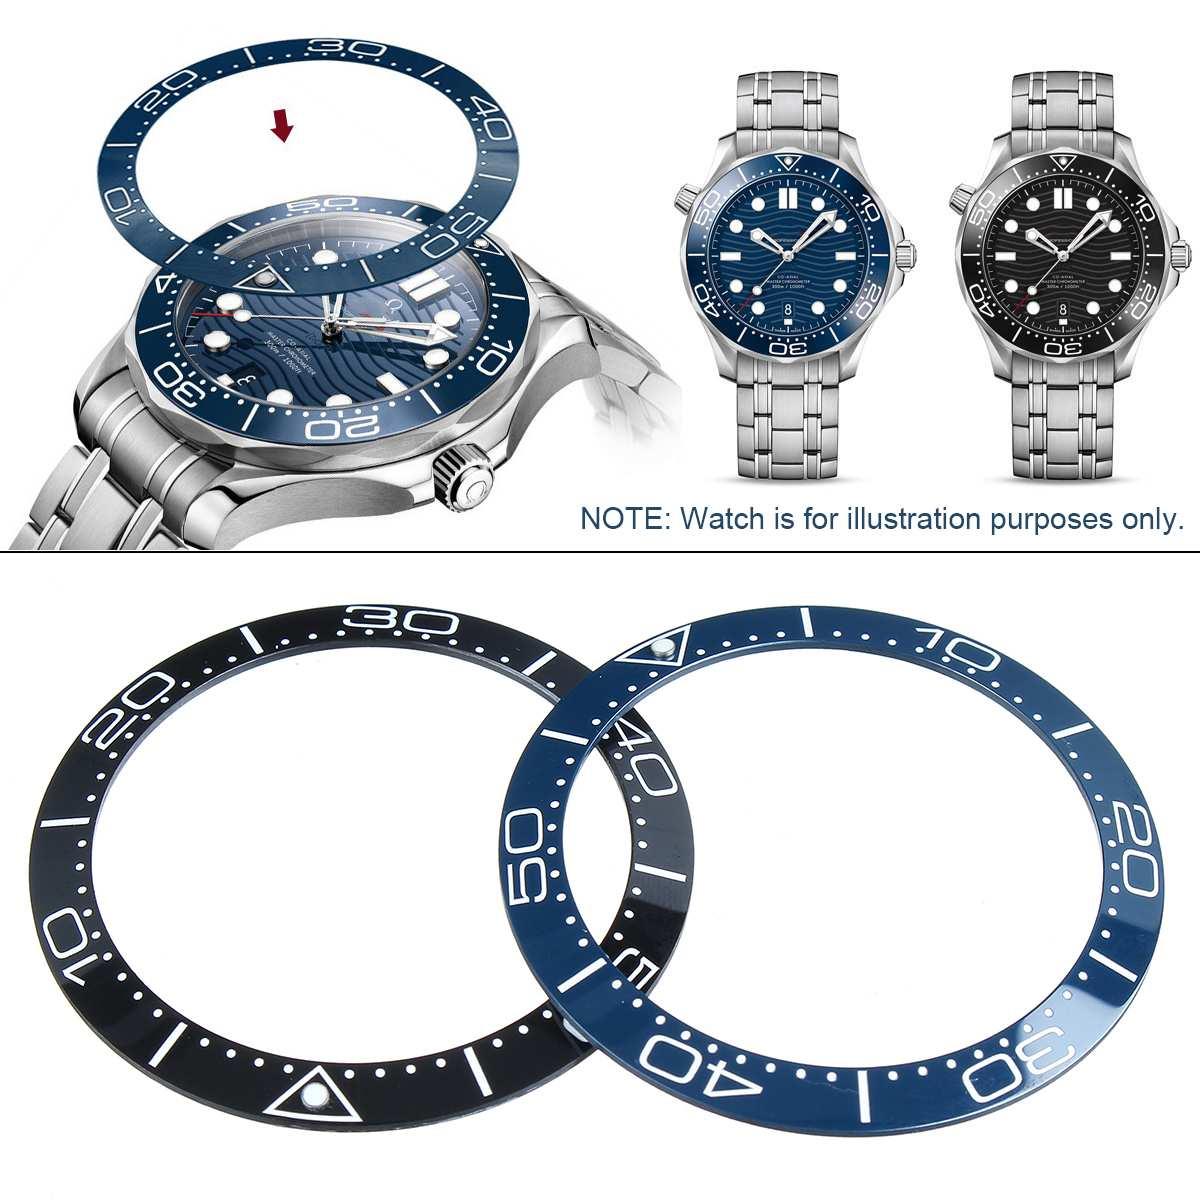 Universal 38mm relógio capa cerâmica moldura inserir acessórios para sei ko skx007/009 relógios/para rolex/para omega